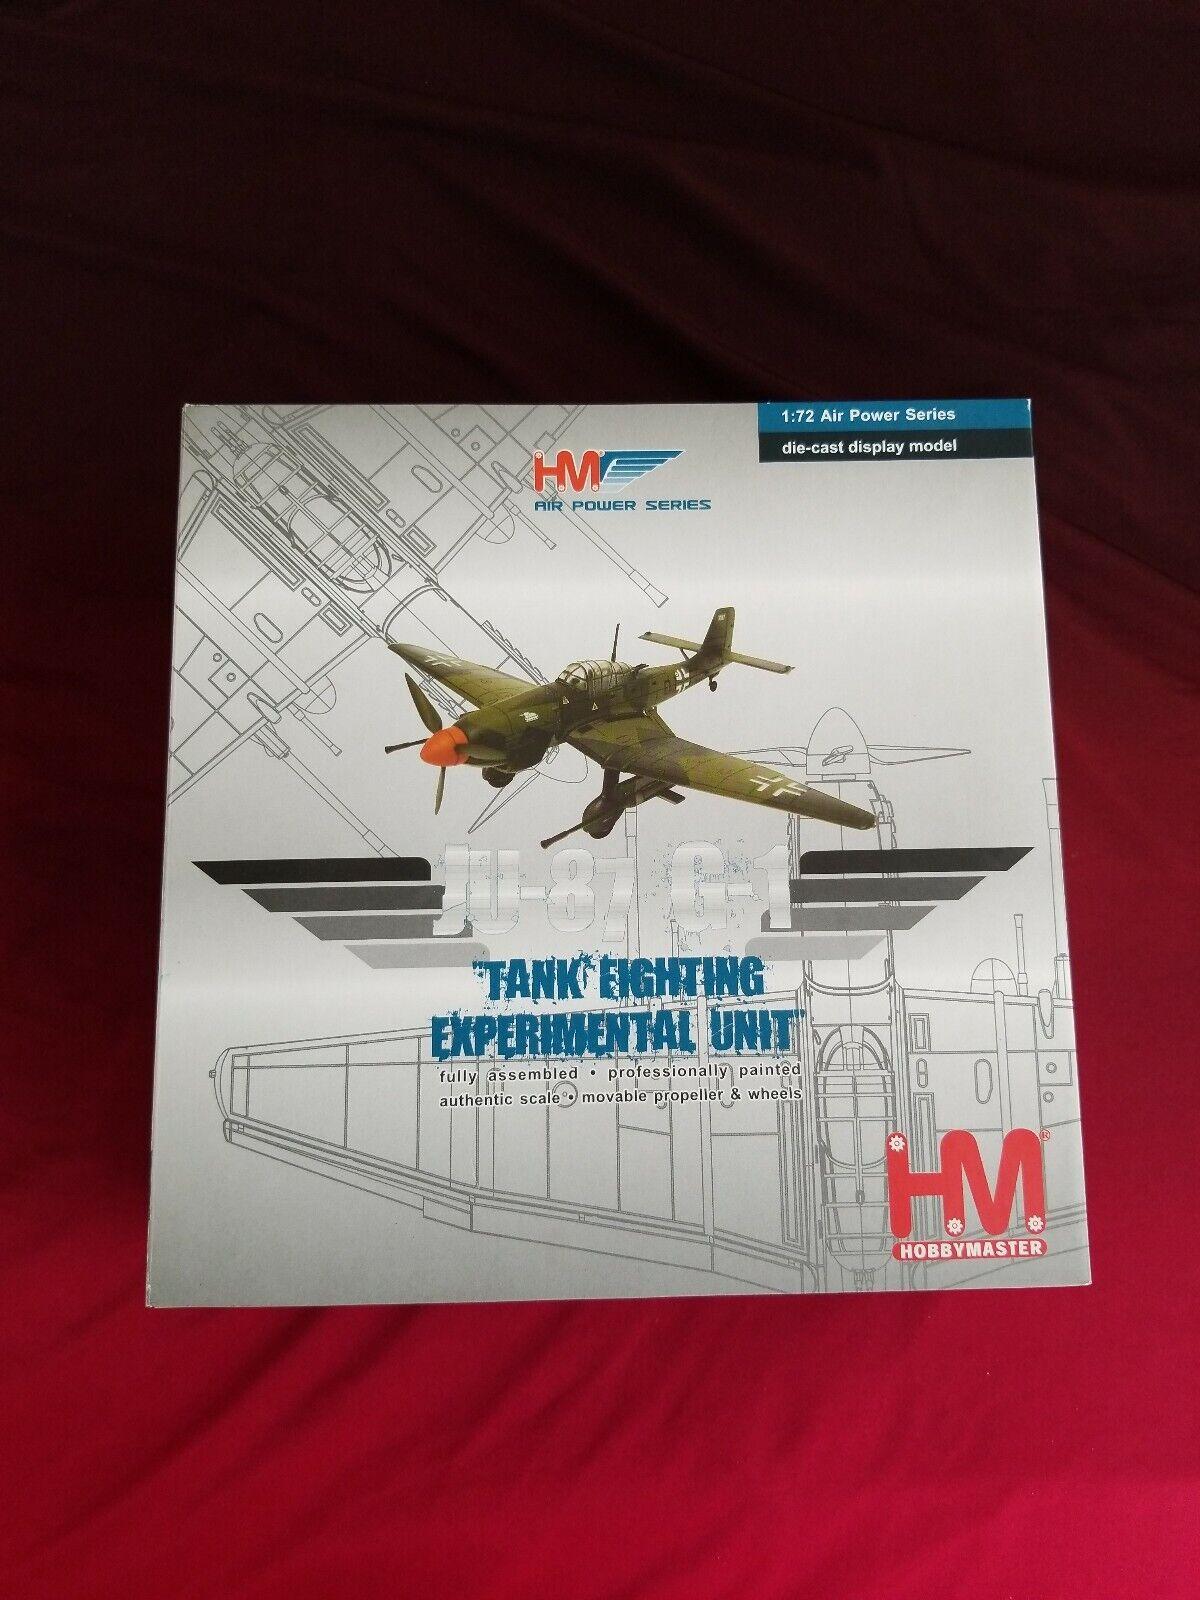 Hobby Master 1 72 Air Power Series HA0110 Tyska Ju-87-D1, Experimäntell enhet